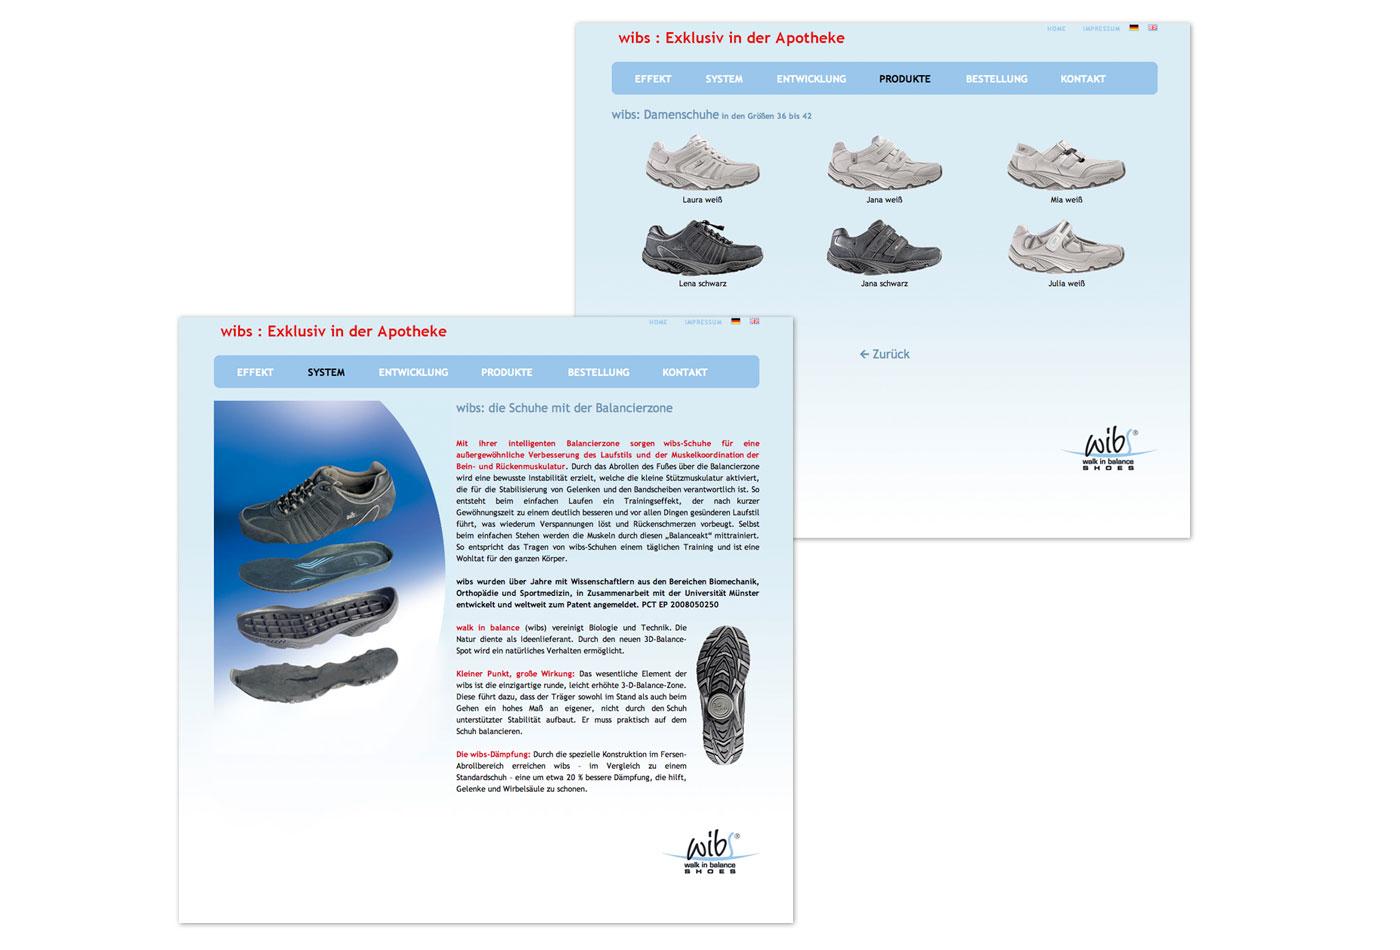 Schuh-Kollektion auf der Wibs-Website